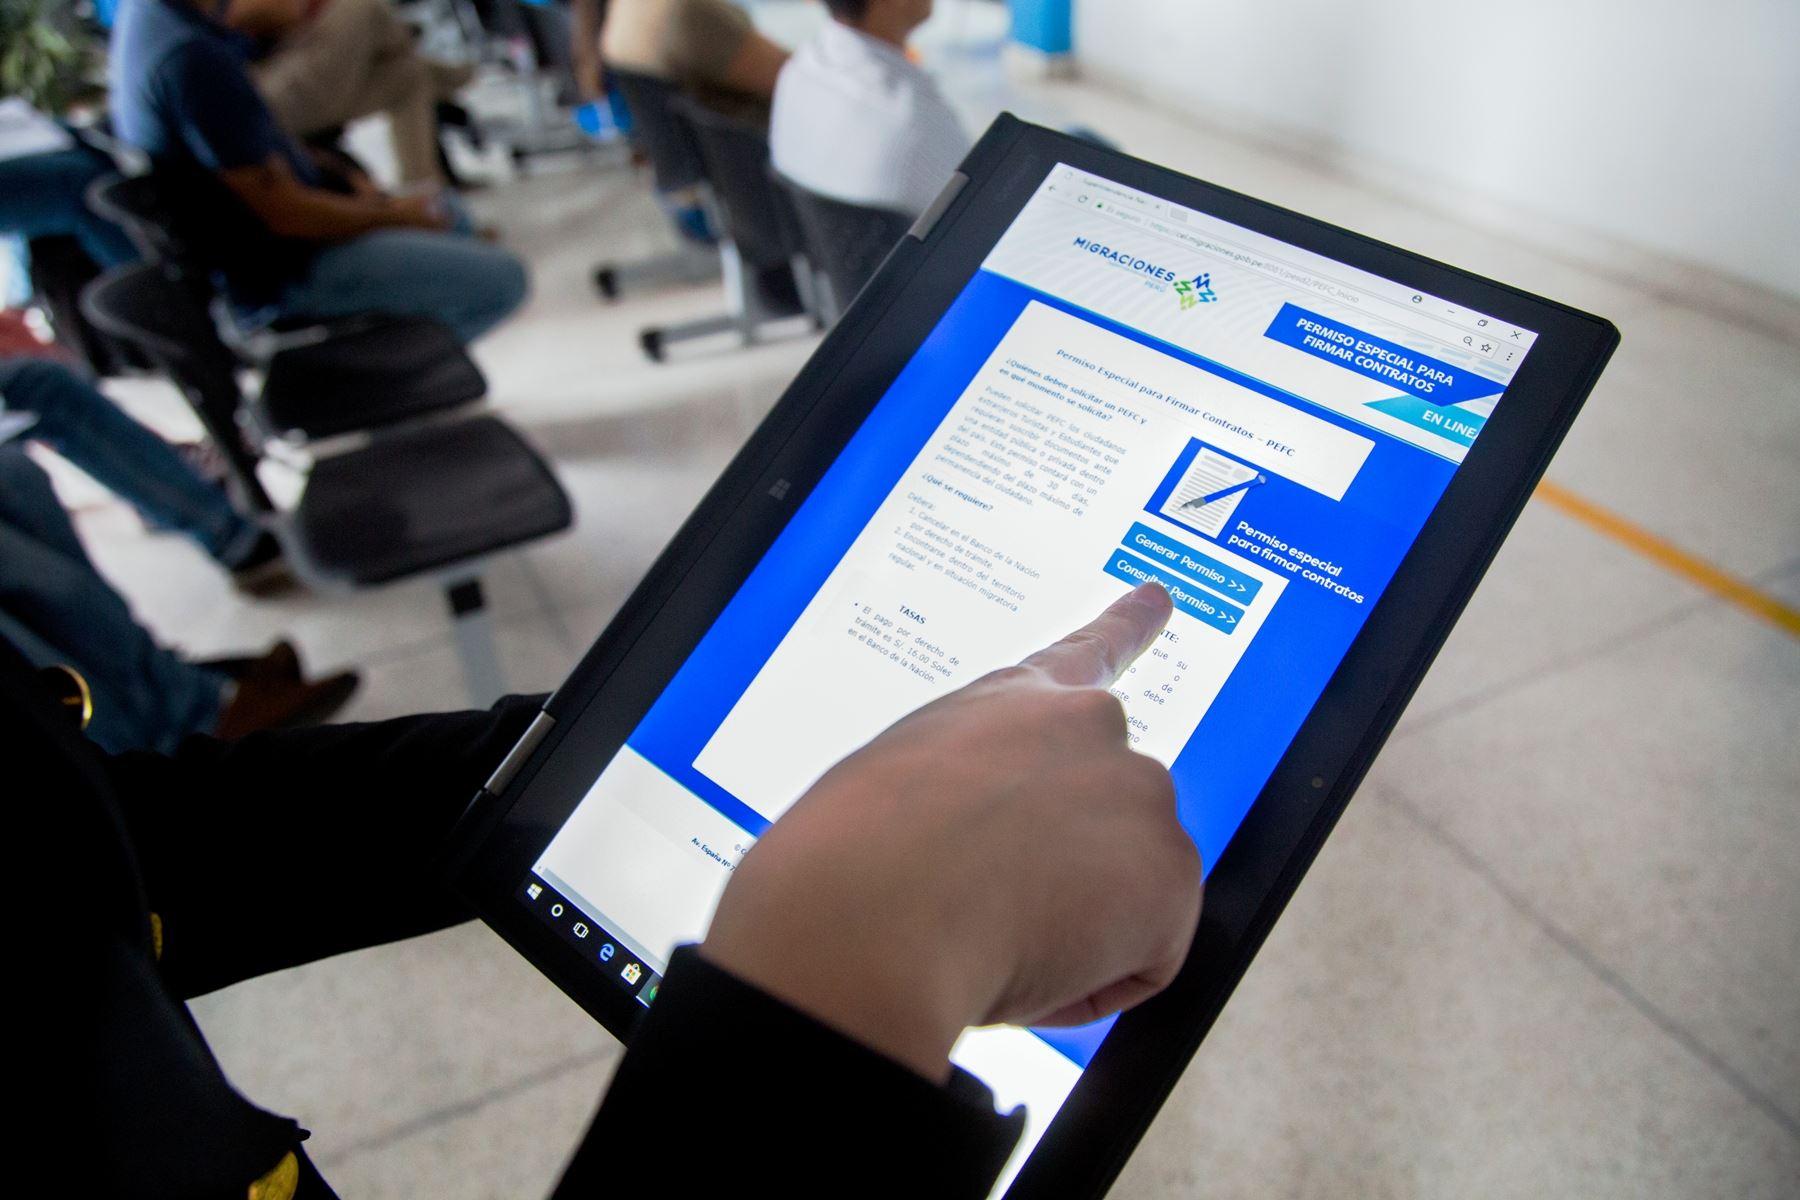 Extranjeros ya pueden actualizar su información en portal de Migraciones. Foto: ANDINA/Difusión.